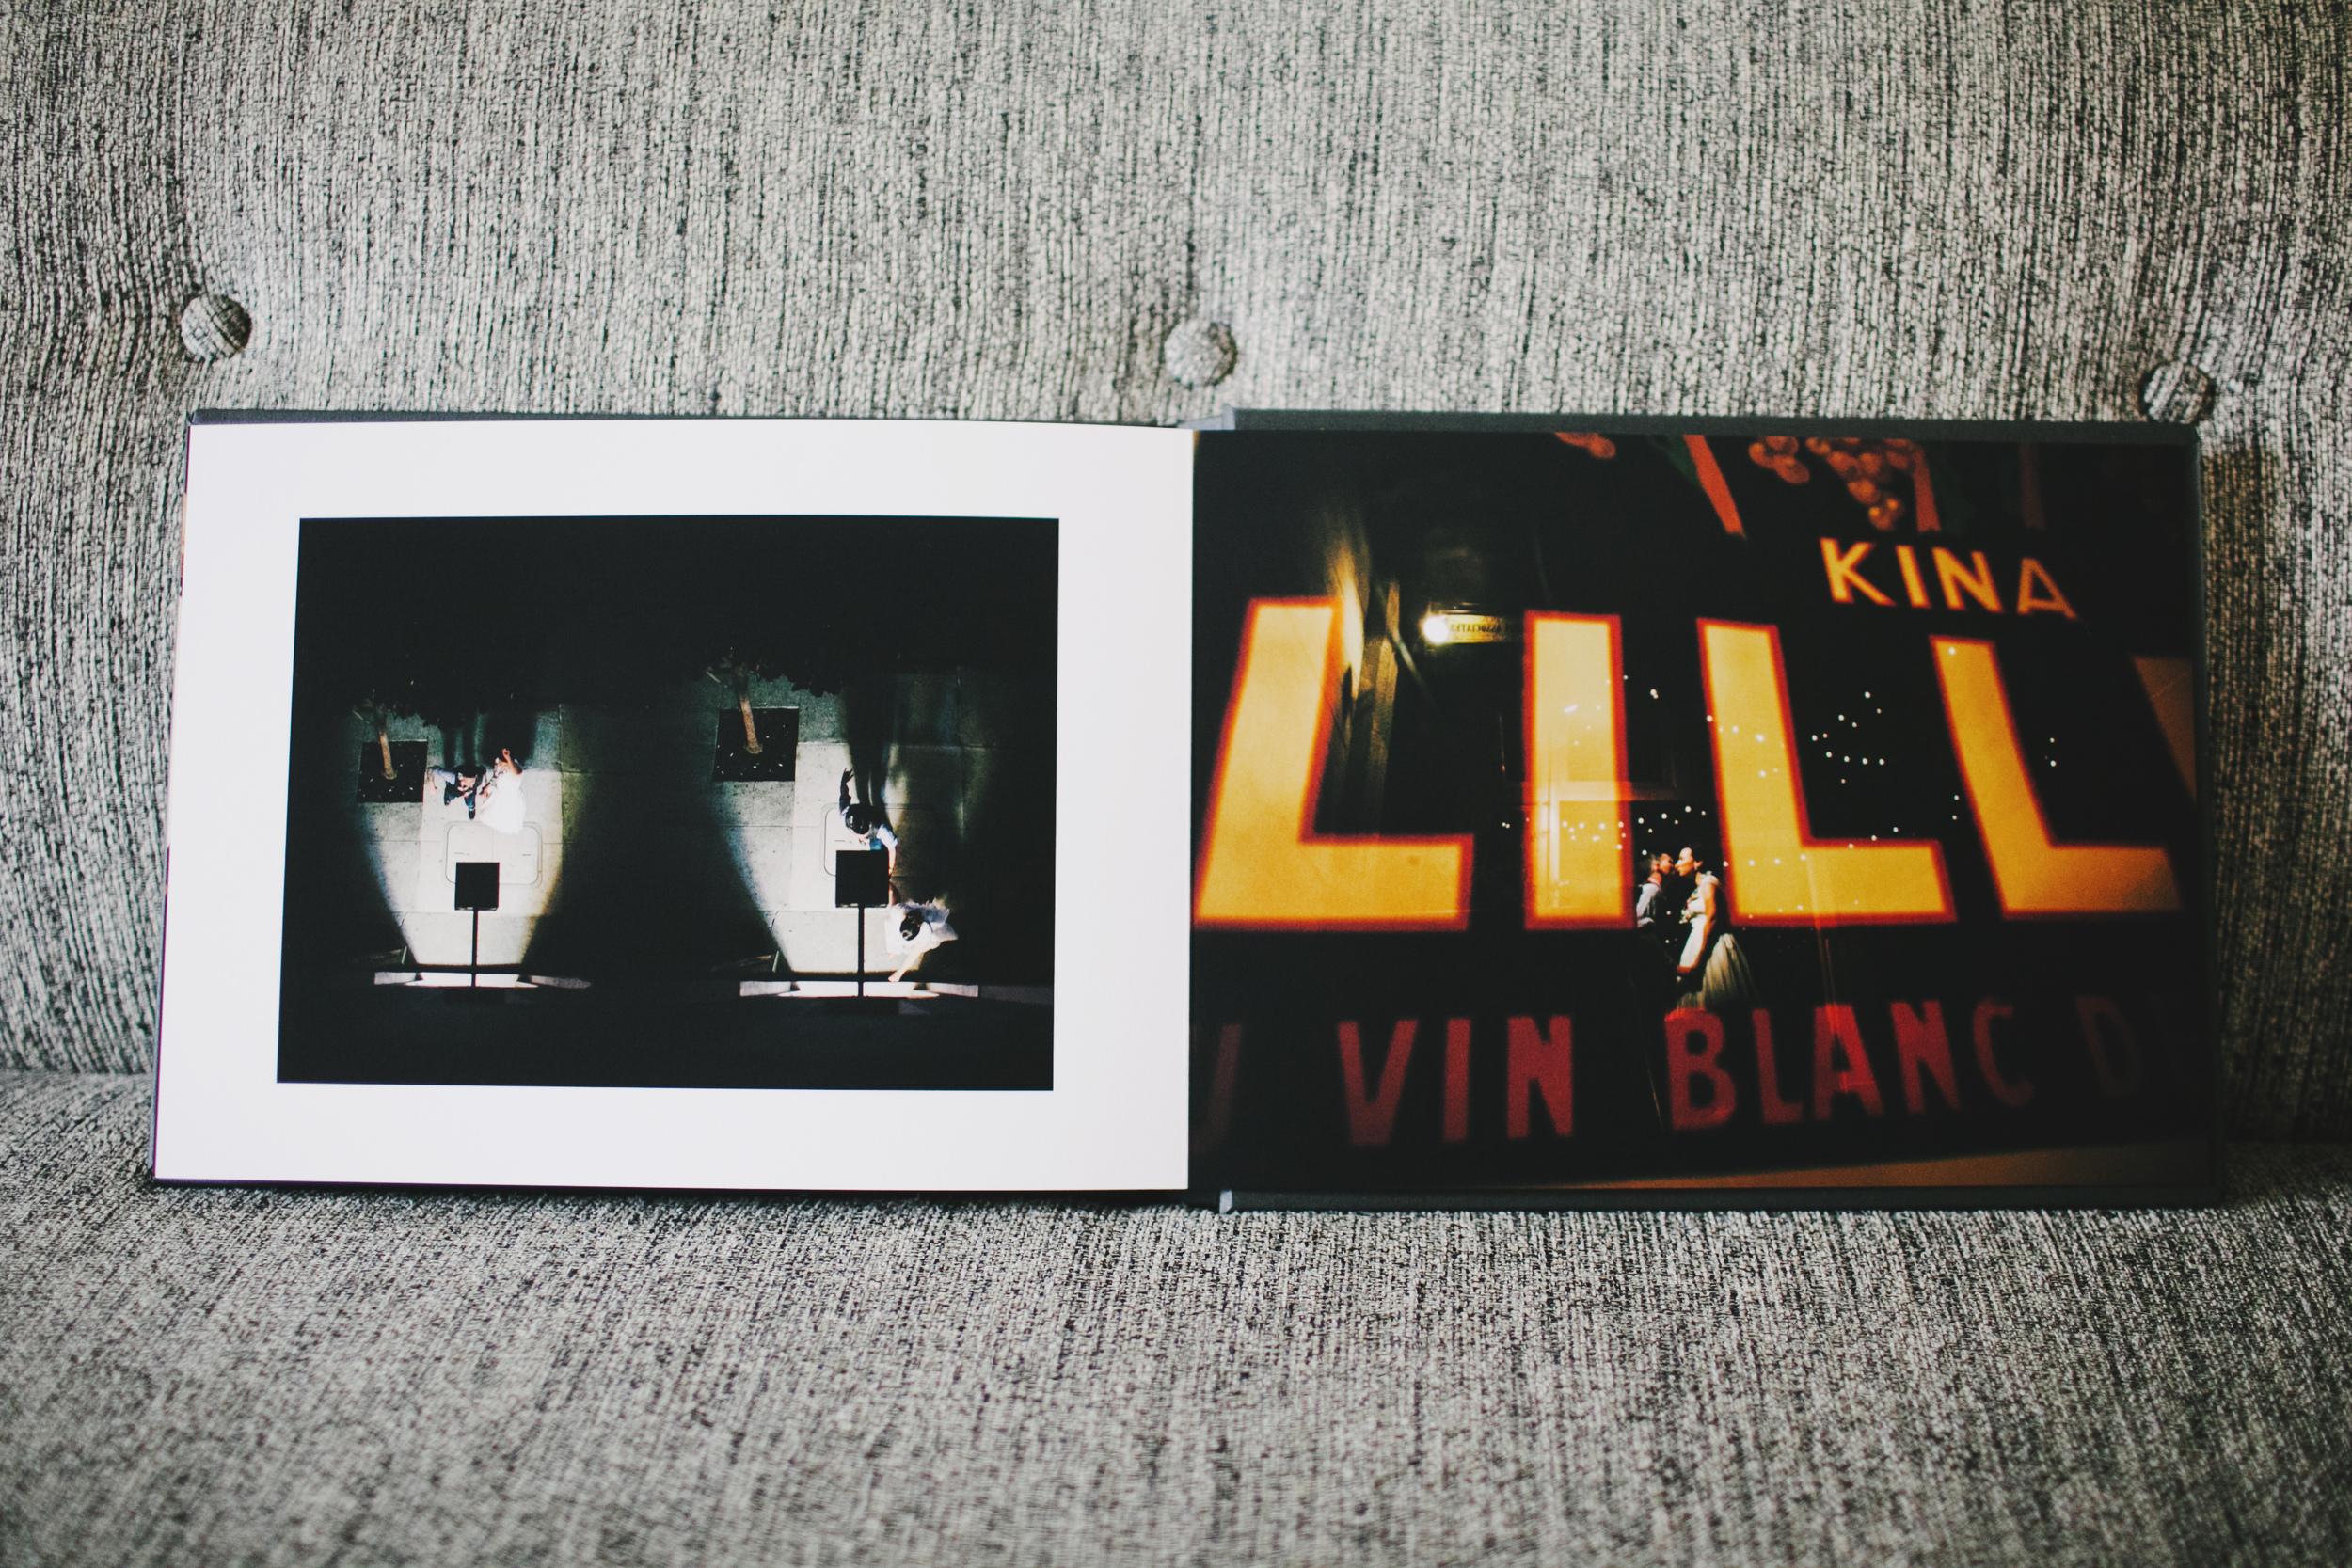 Album_Photos-11.JPG